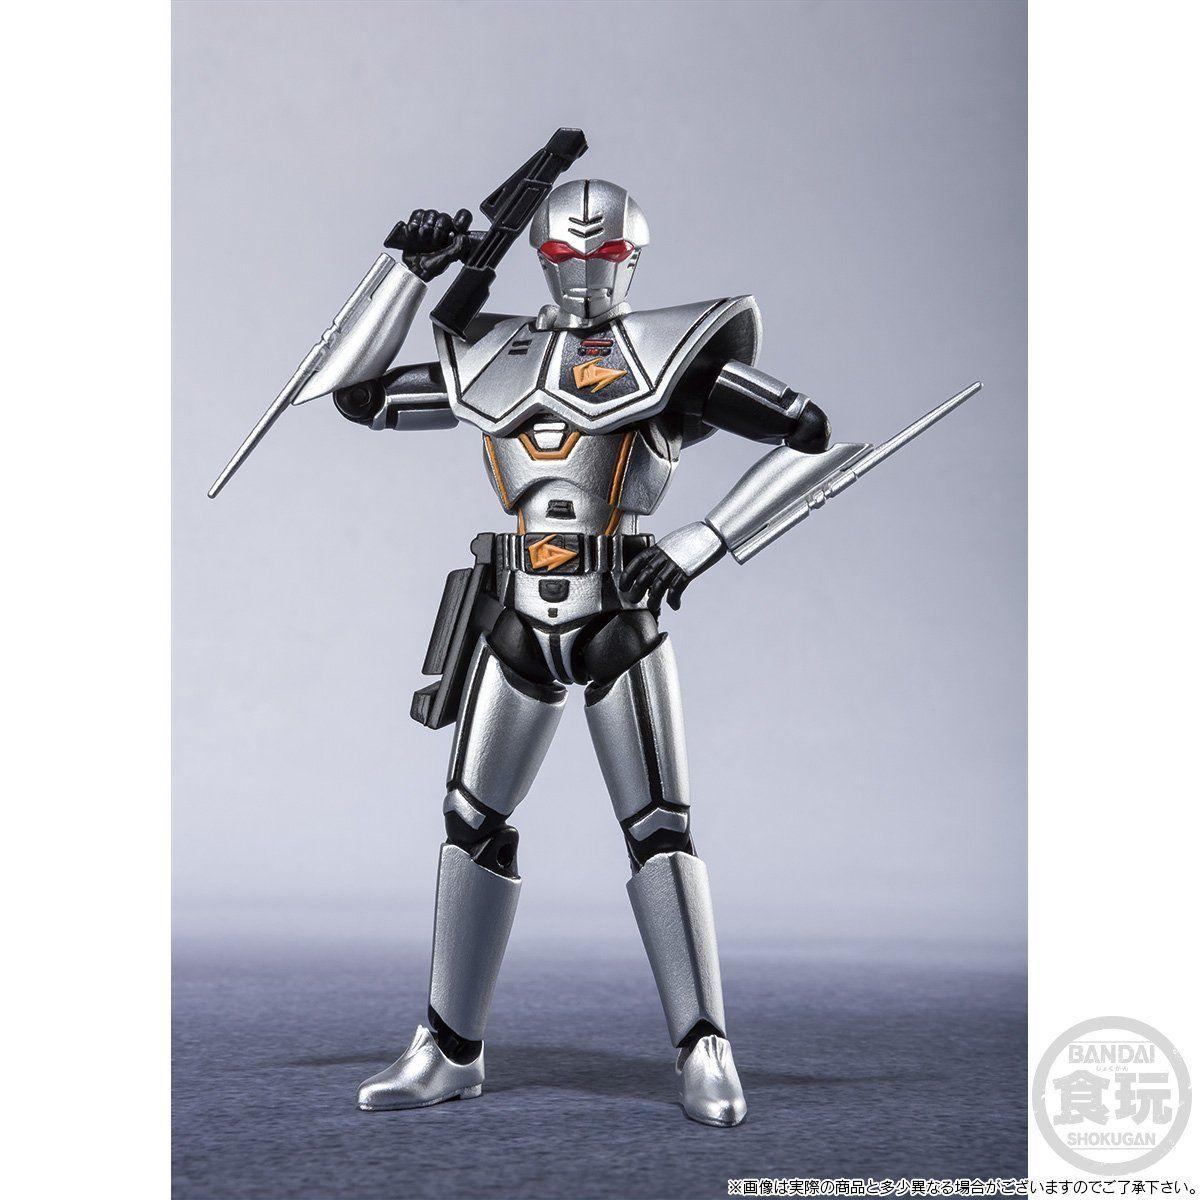 【限定販売】【食玩】SHODO SUPER『バイオハンター・シルバ』超電子バイオマン 可動フィギュア-003